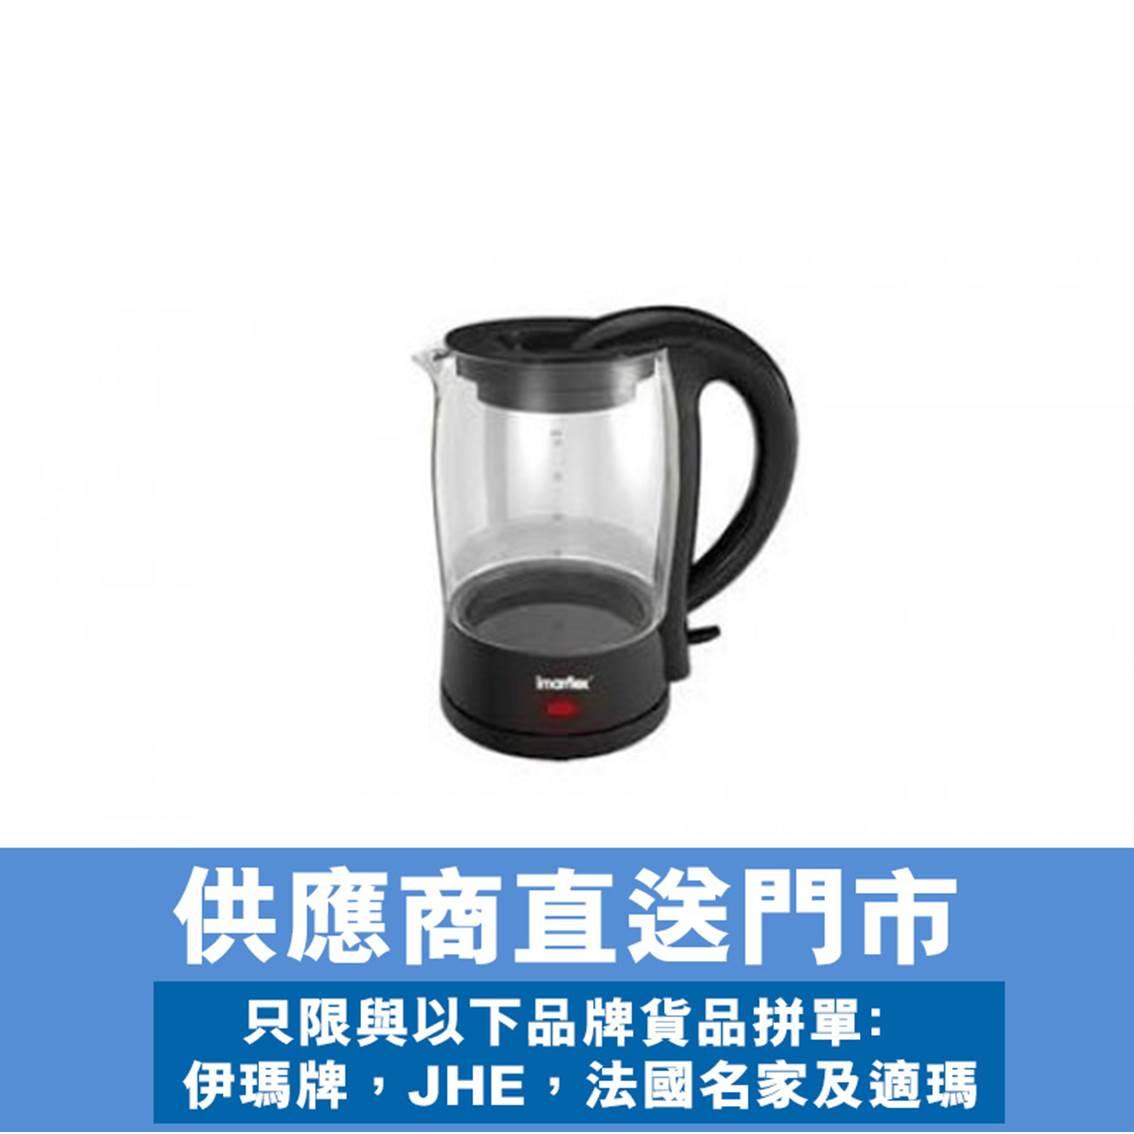 伊瑪玻璃無線熱水壺1.7L